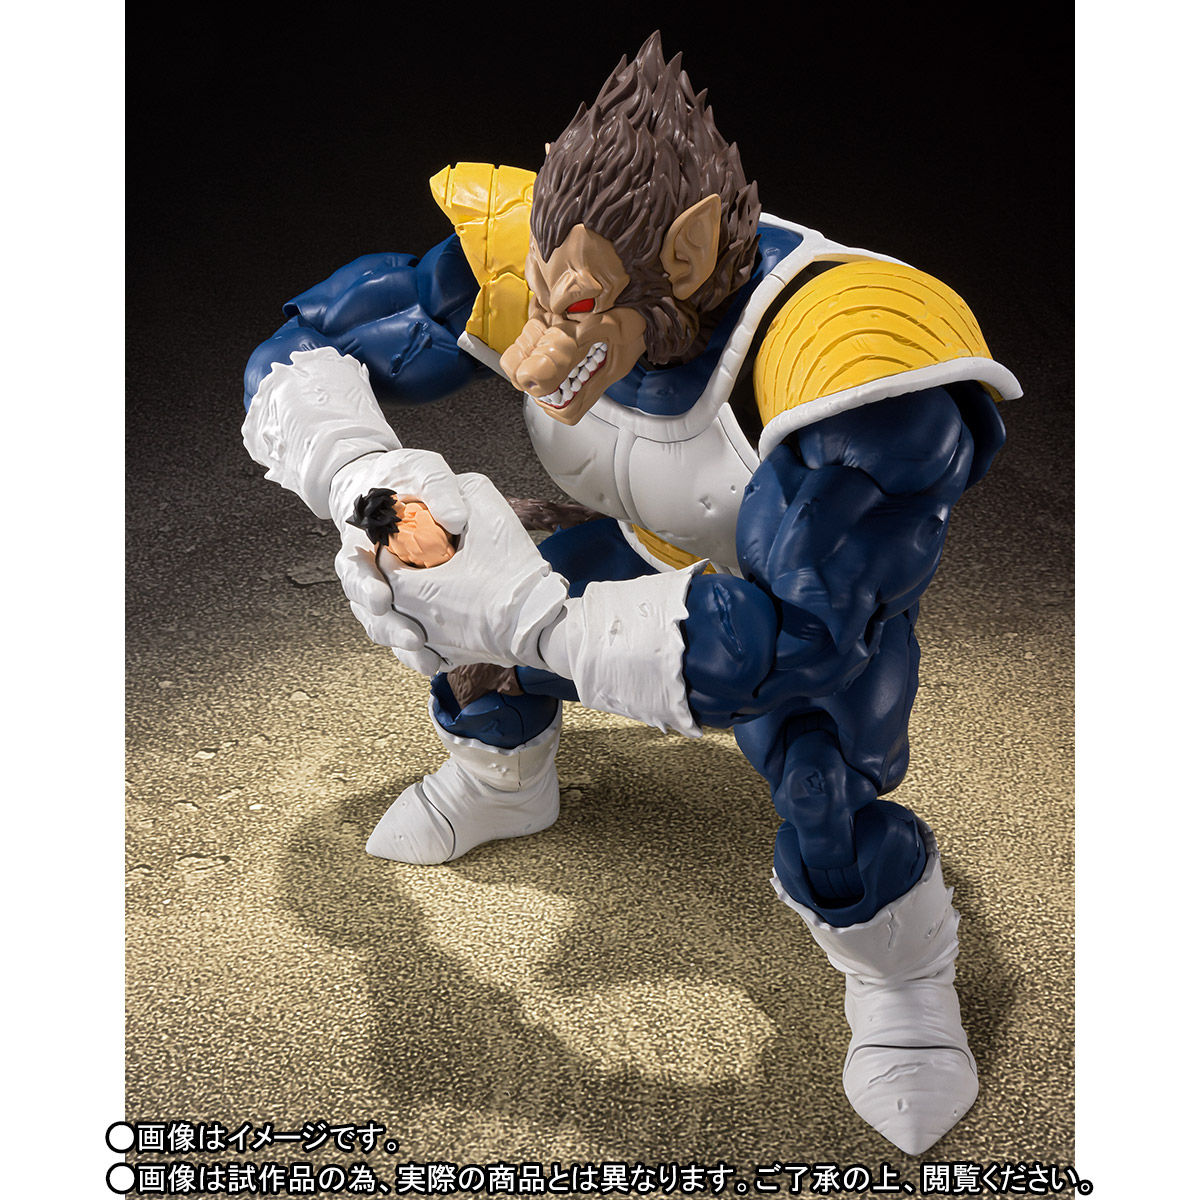 【限定販売】S.H.Figuarts『大猿ベジータ』ドラゴンボールZ 可動フィギュア-009